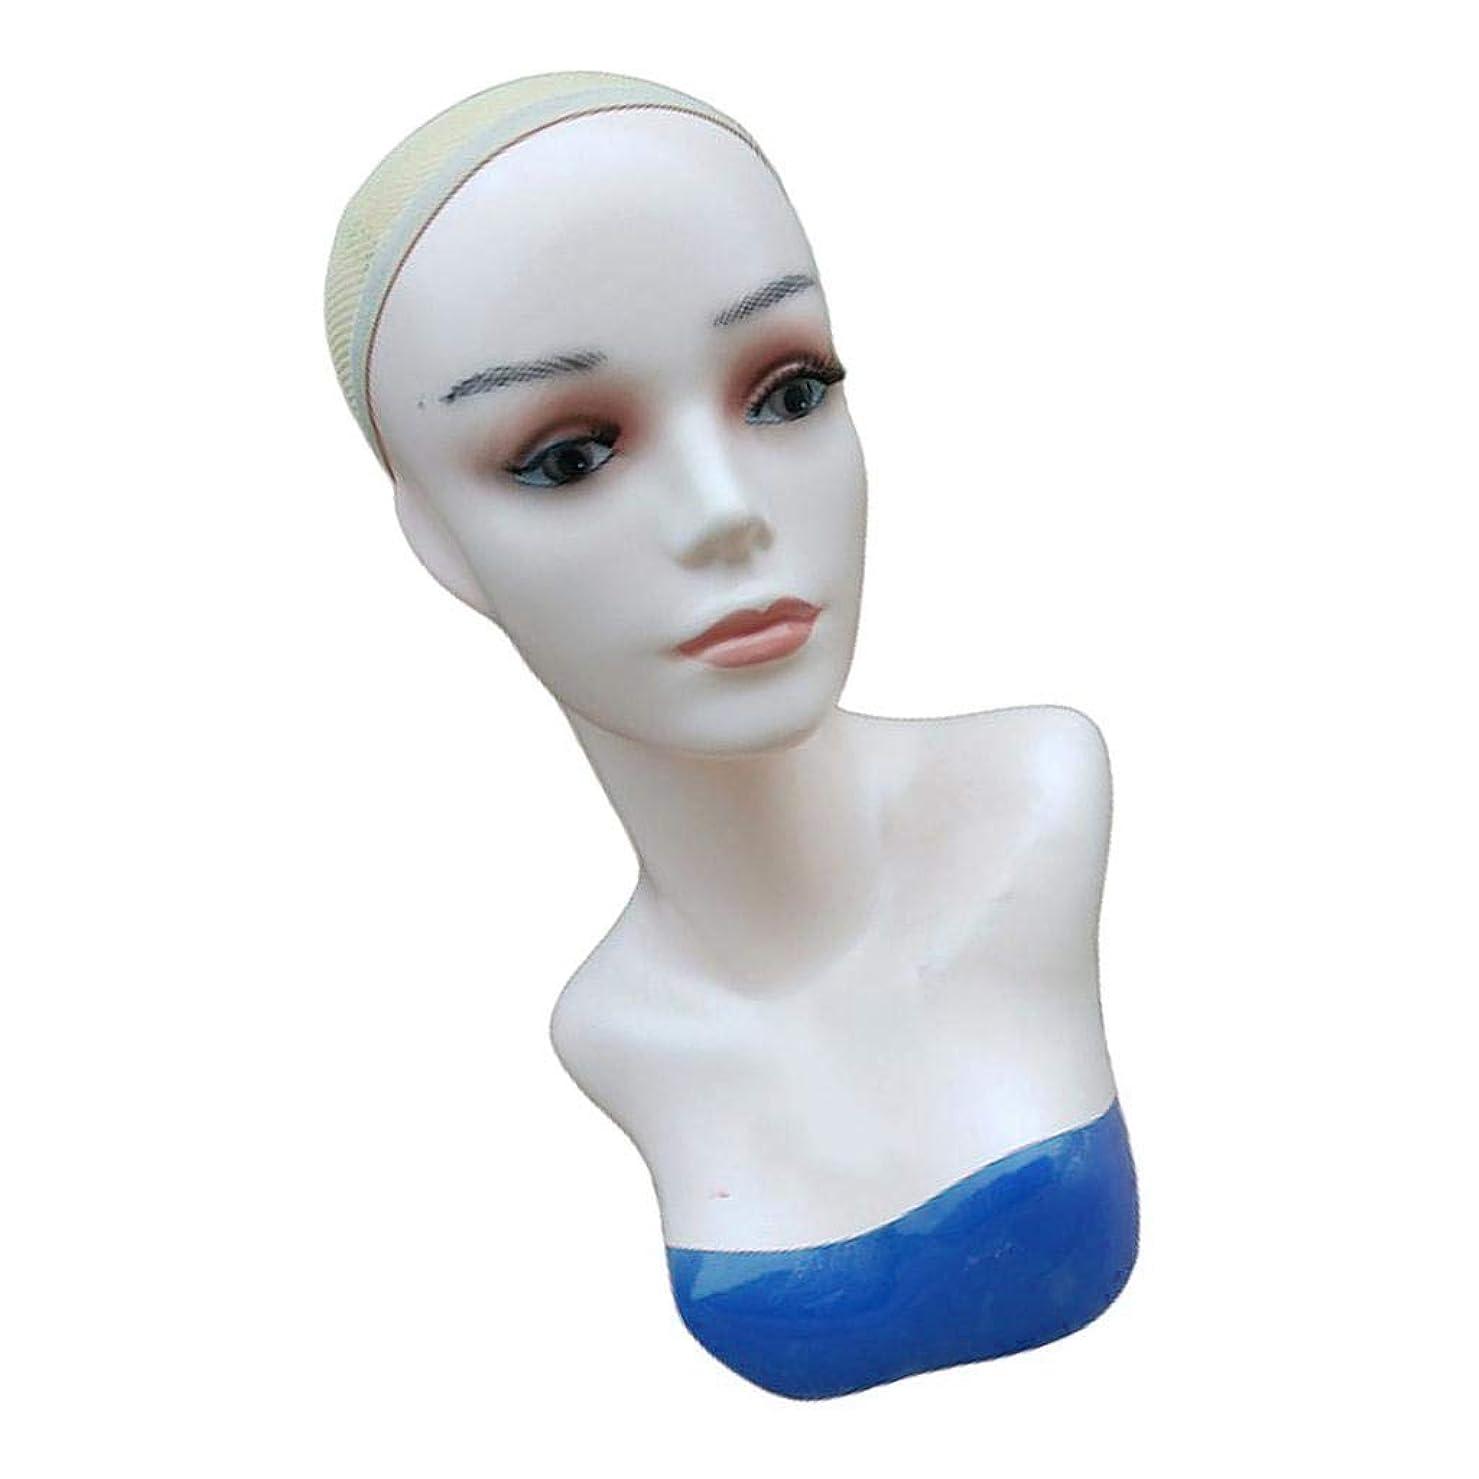 バンミント良いDYNWAVE 帽子 収納 ハンガー マネキンヘッド ヘッドモデル ウィッグスタンド ウィッグ かつら ディスプレイ